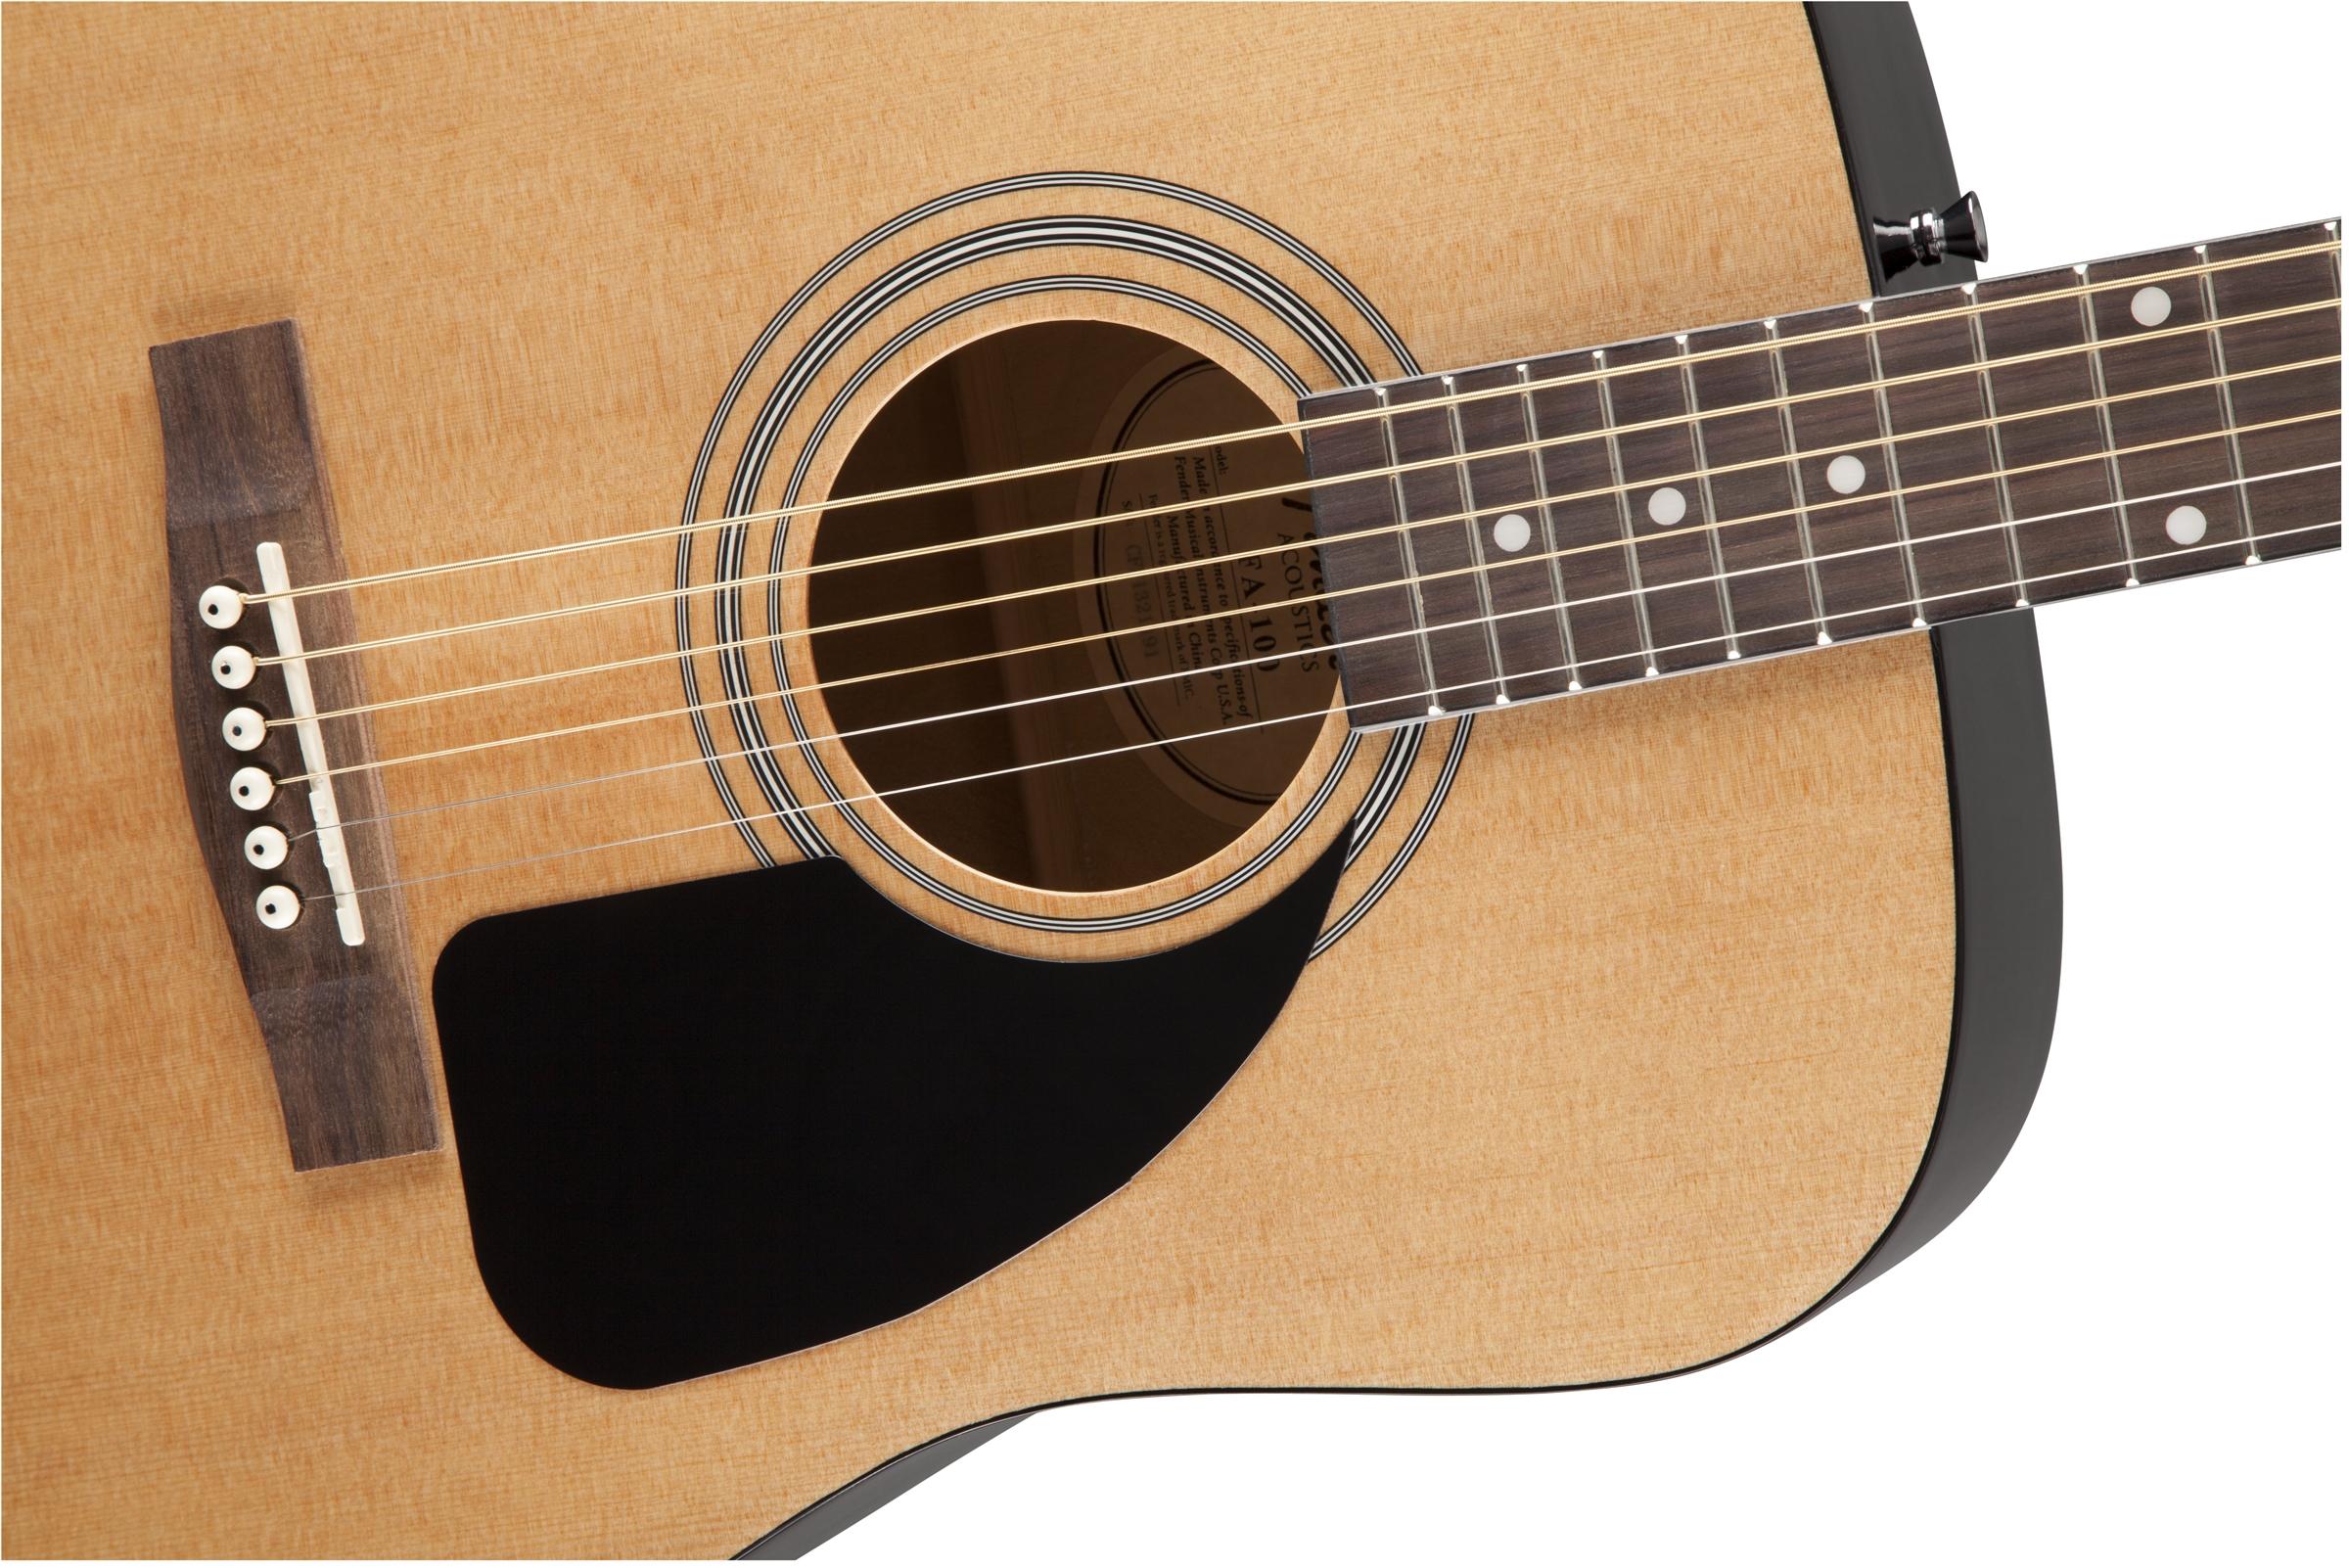 fender fa 100 acoustic guitar natural w hard case ebay. Black Bedroom Furniture Sets. Home Design Ideas